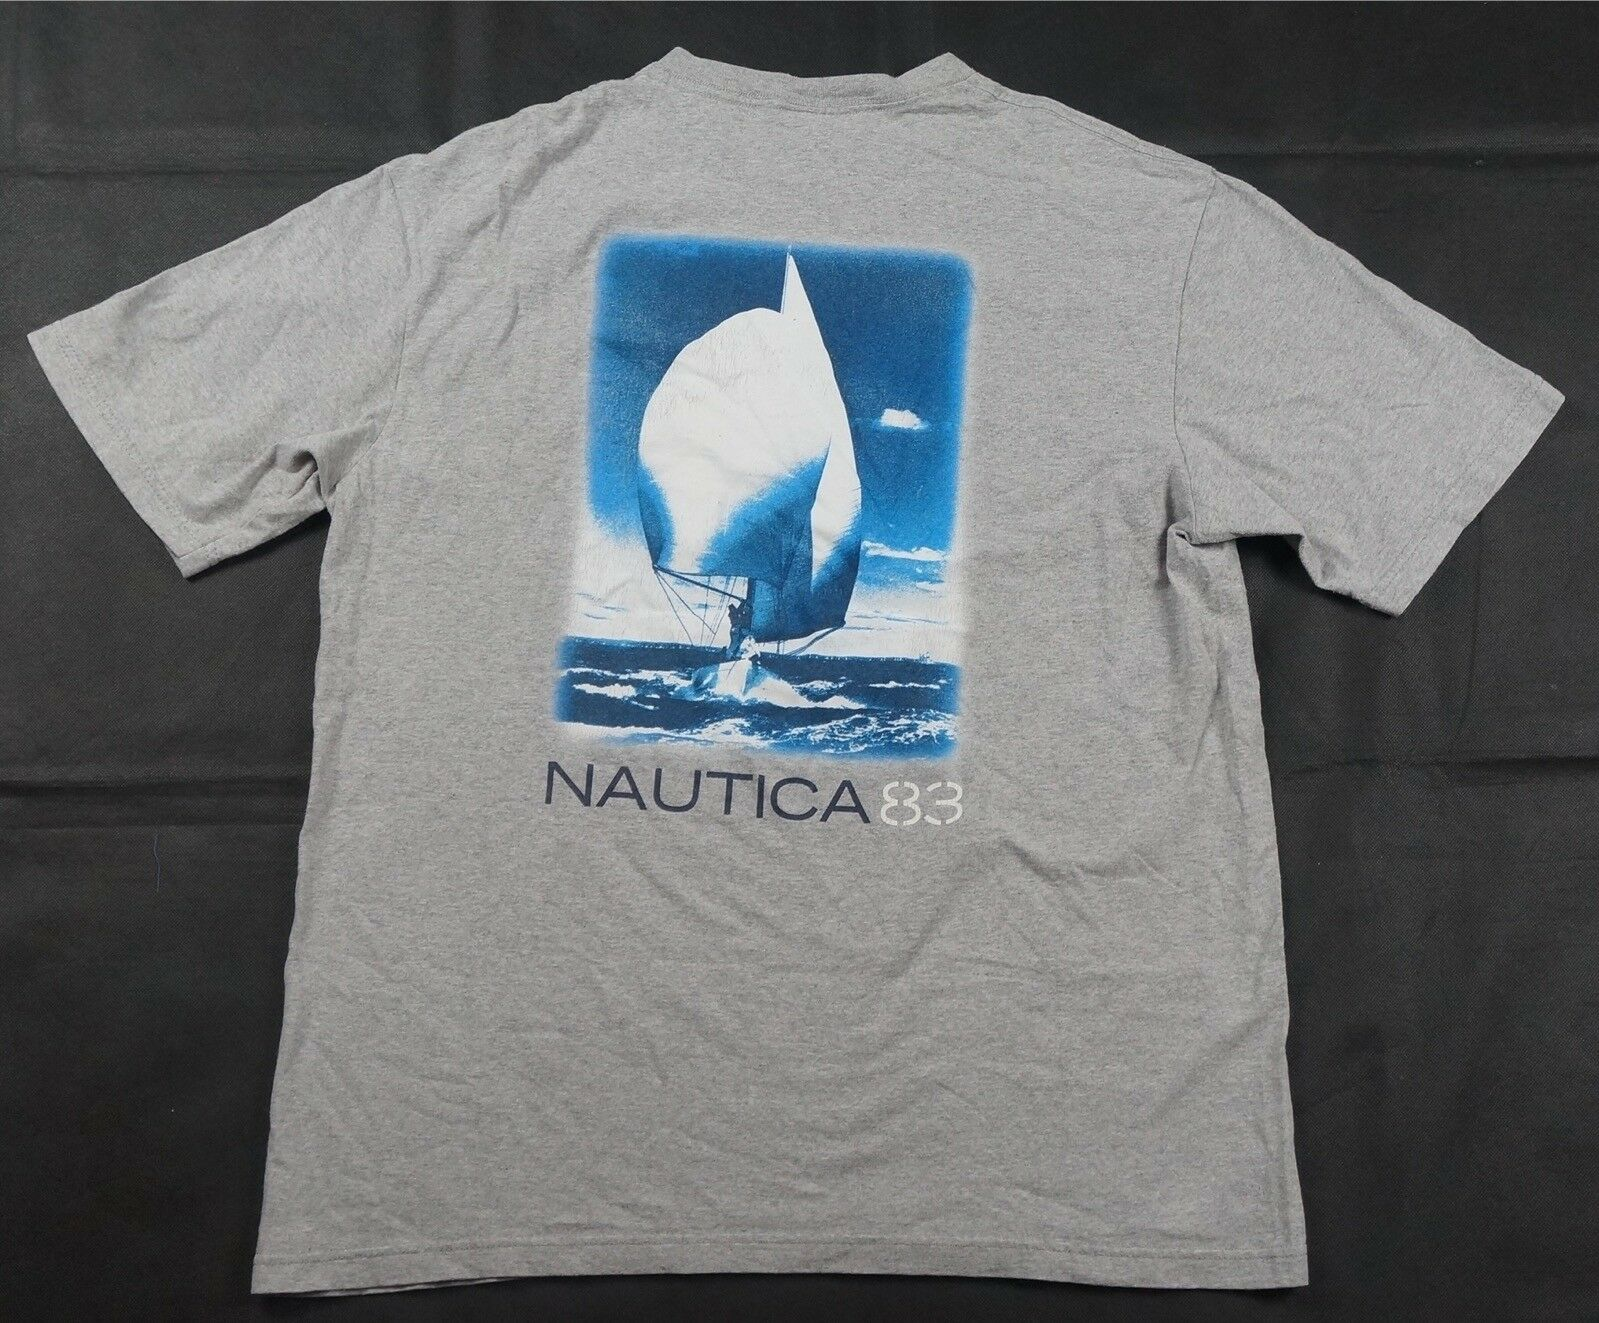 Rare Vintage NAUTICA N83 Spell Out Anchor Pocket T Shirt 90s Sailing Retro SZ M Brand T-Shirt Men 2019 Fashion